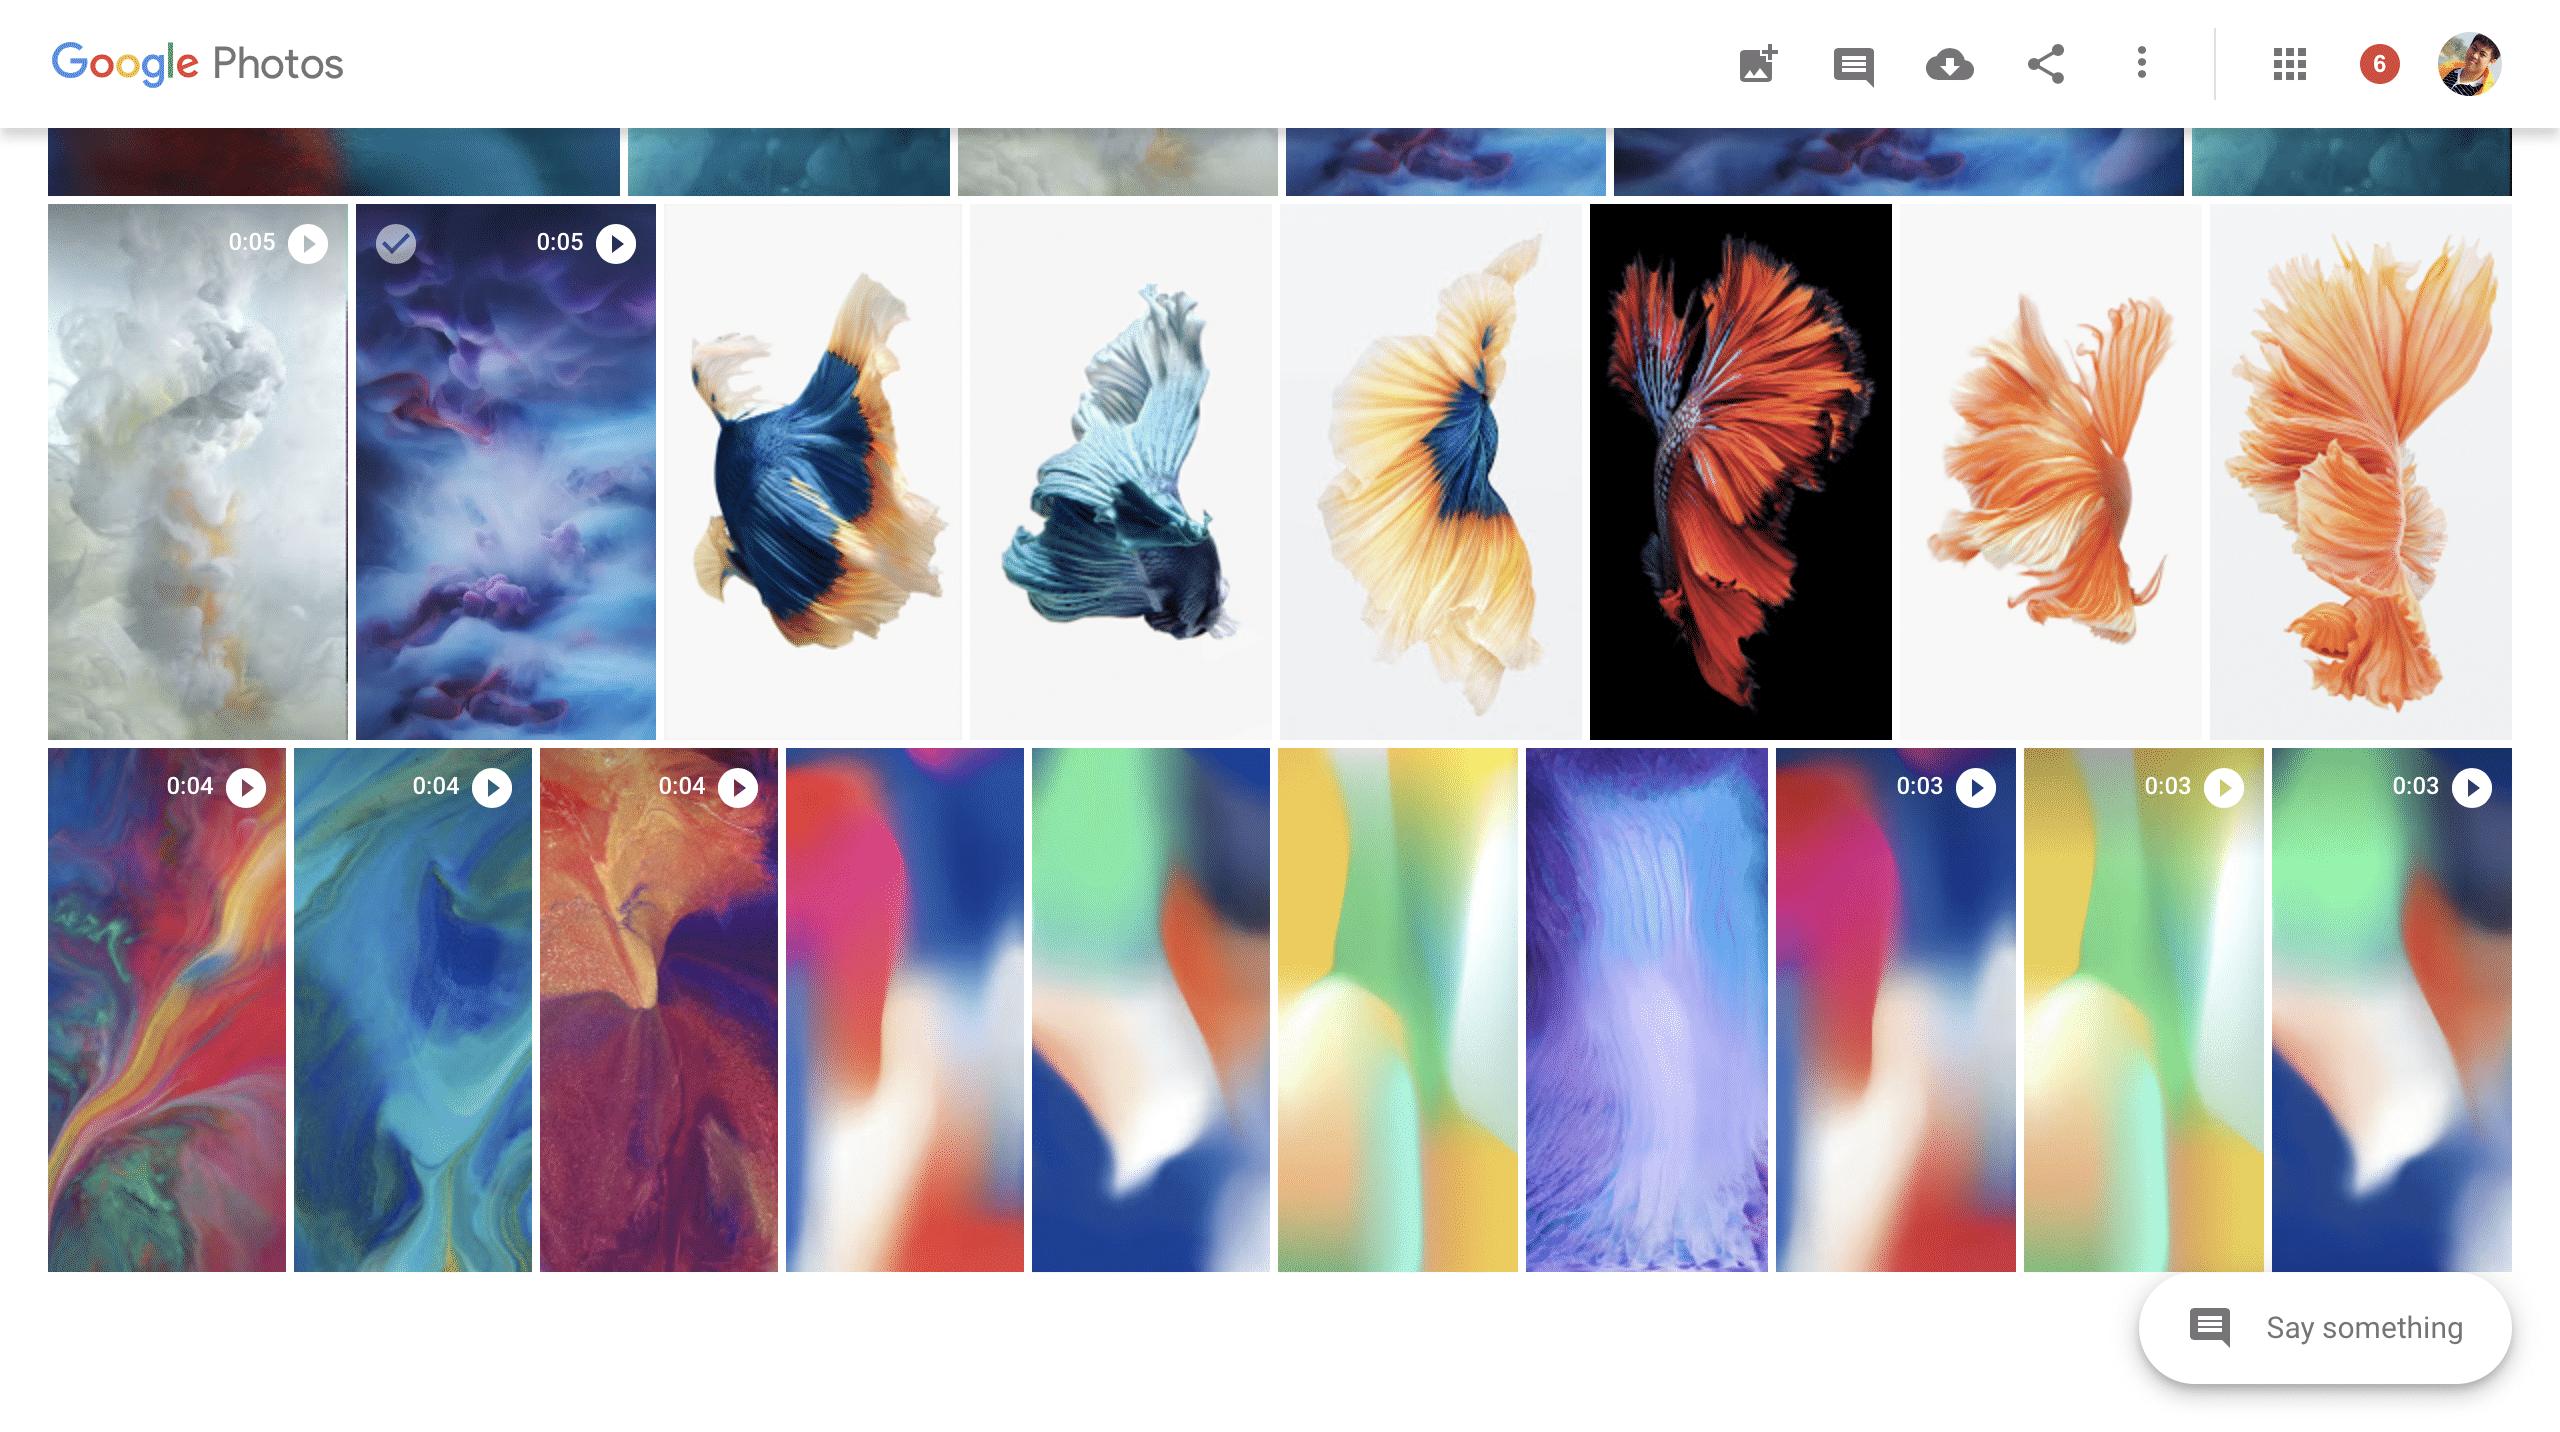 โหลด Wallpaper สำหรับ iPhone X ได้ที่นี่ <<